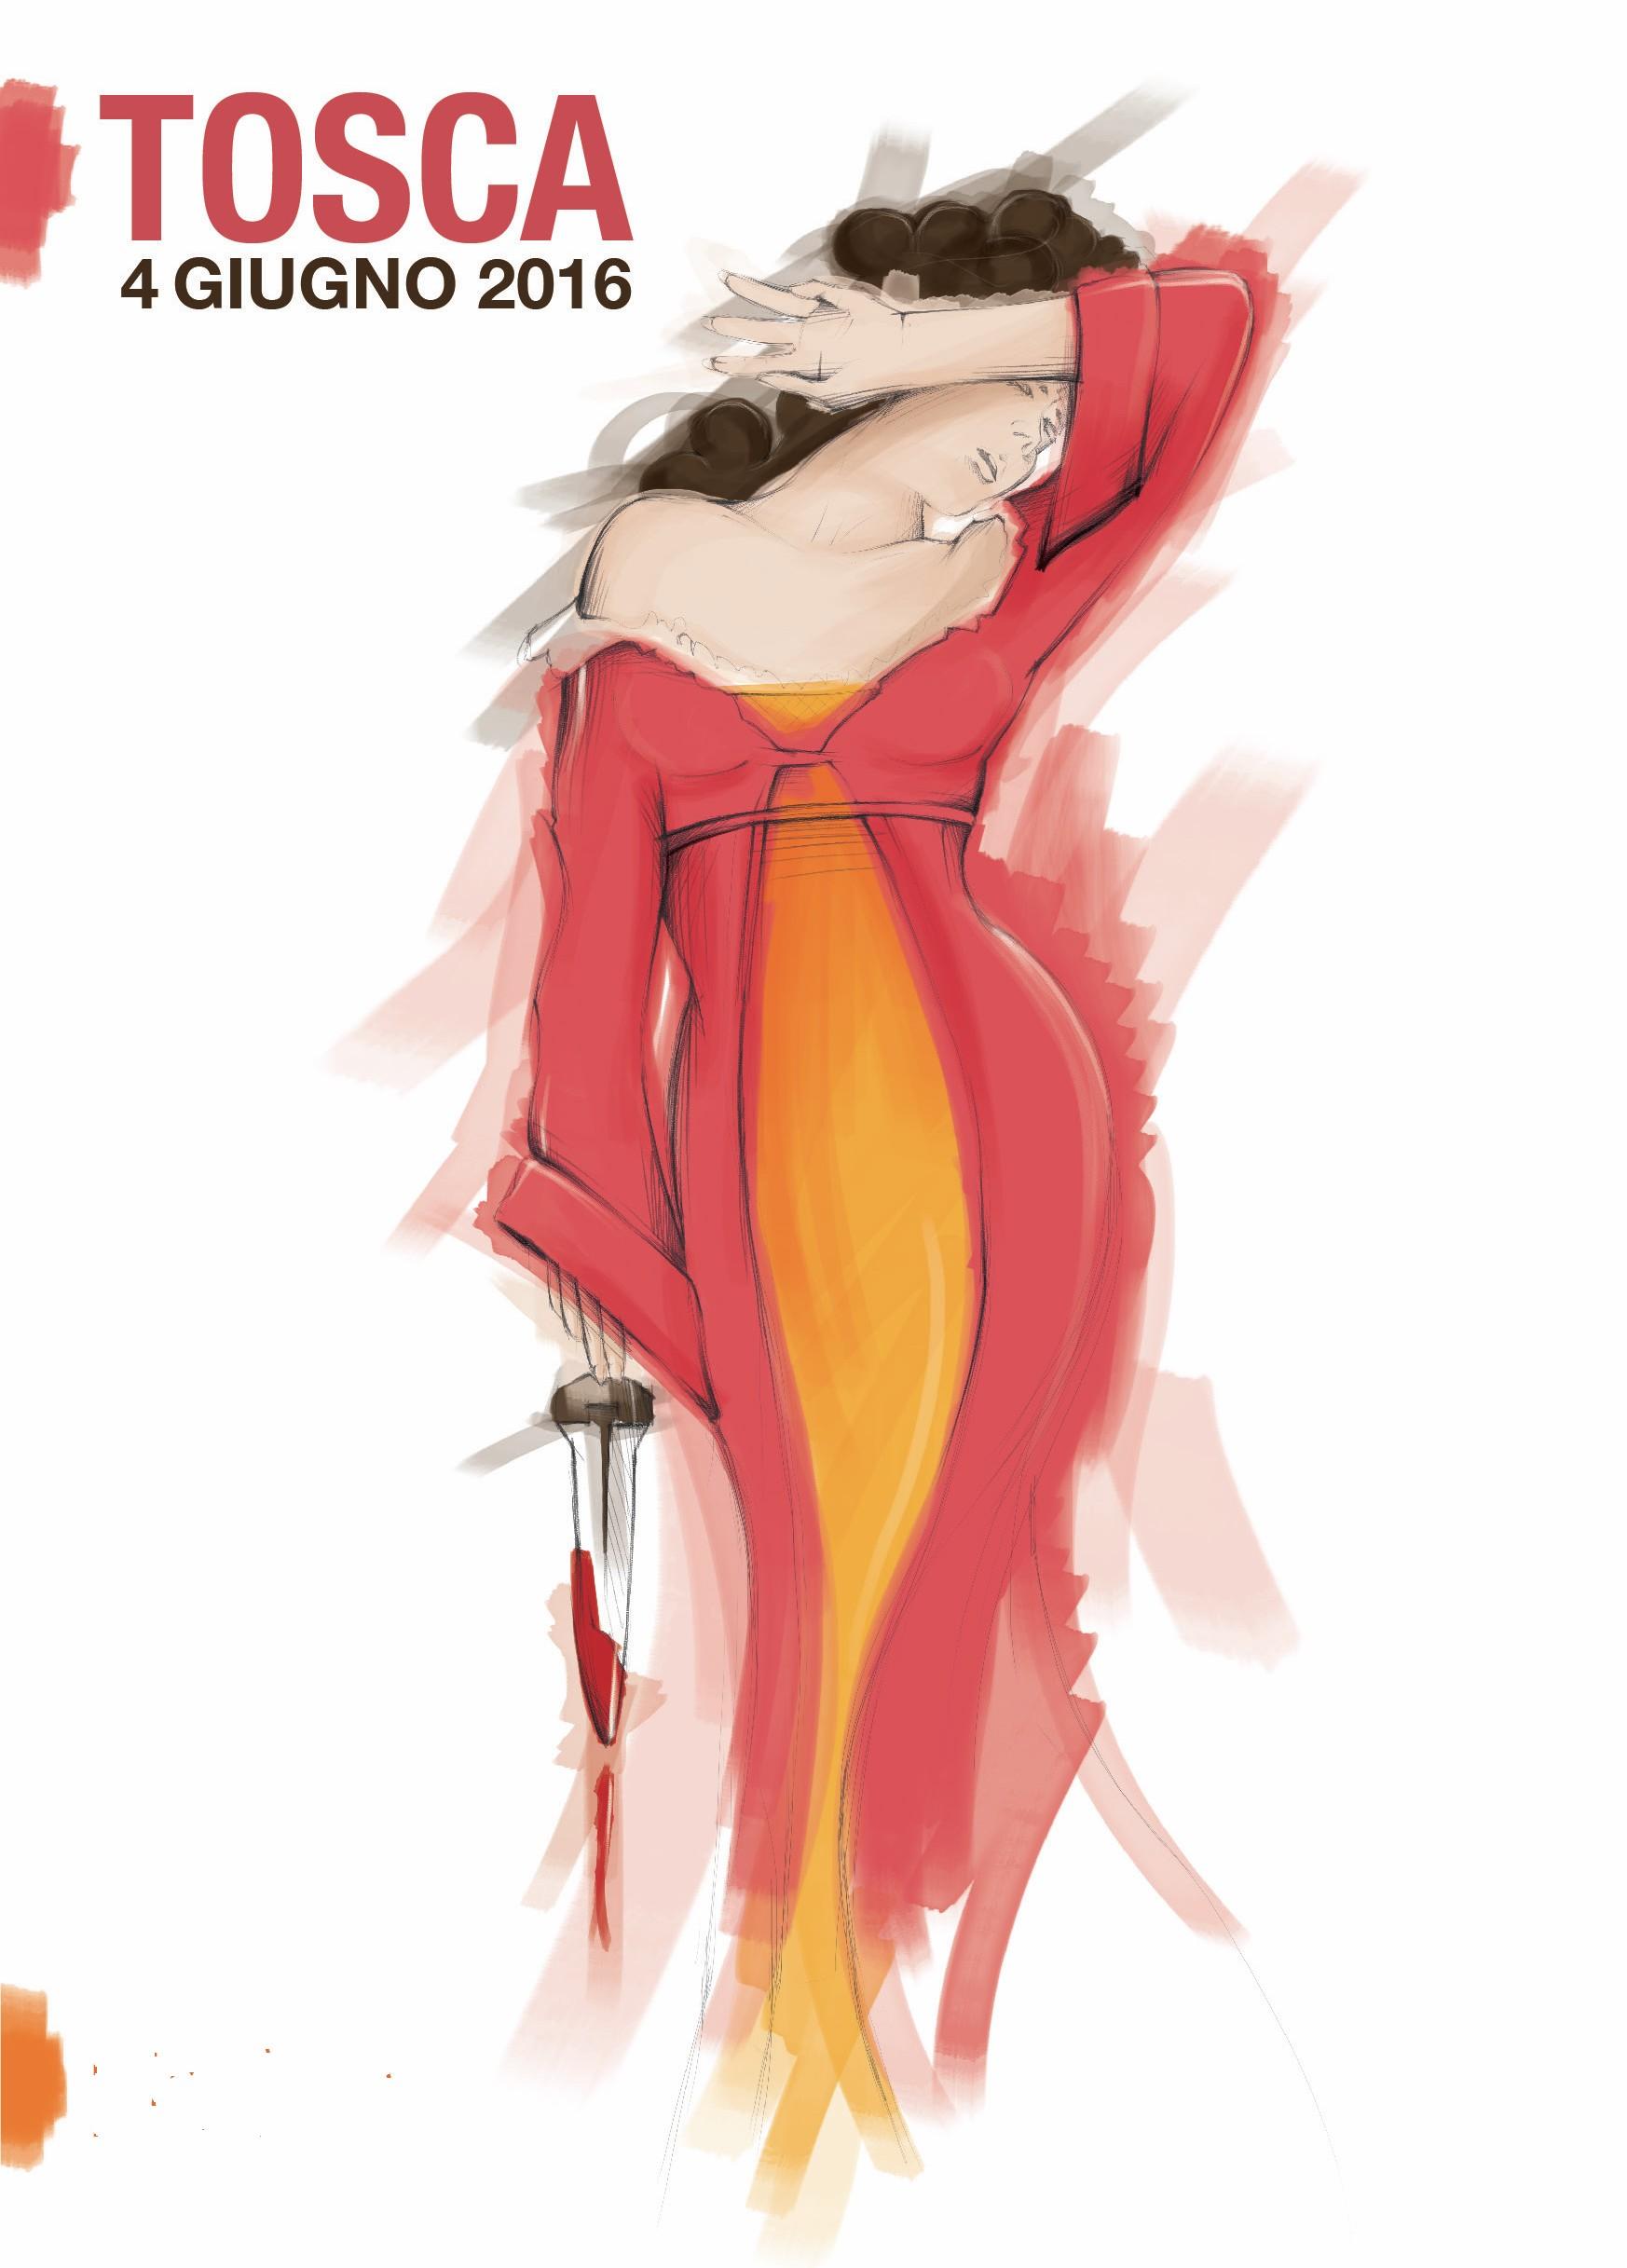 TOSCA disegno di Daniele Andreotti, designer di Demia